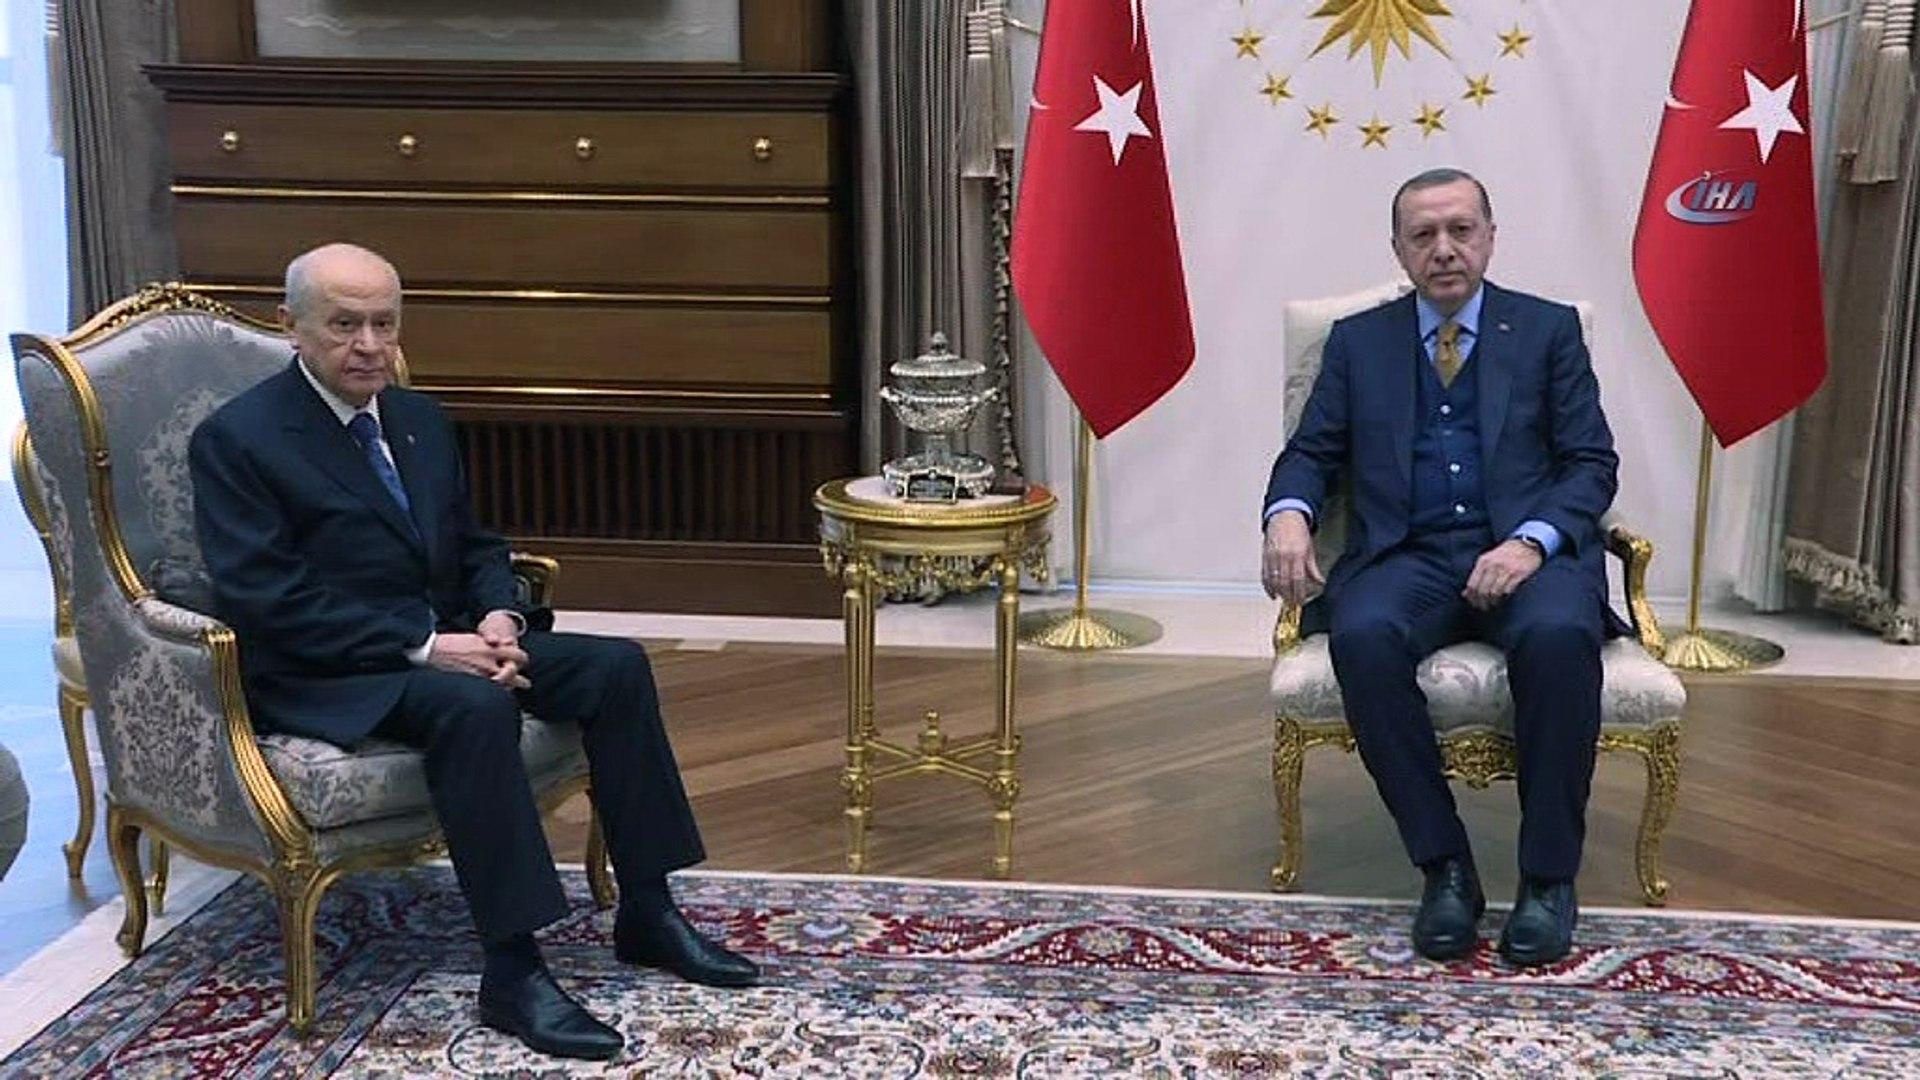 Cumhurbaşkanı Recep Tayyip Erdoğan 13.30'da MHP Genel Başkanı Devlet Bahçeli ile görüşecek